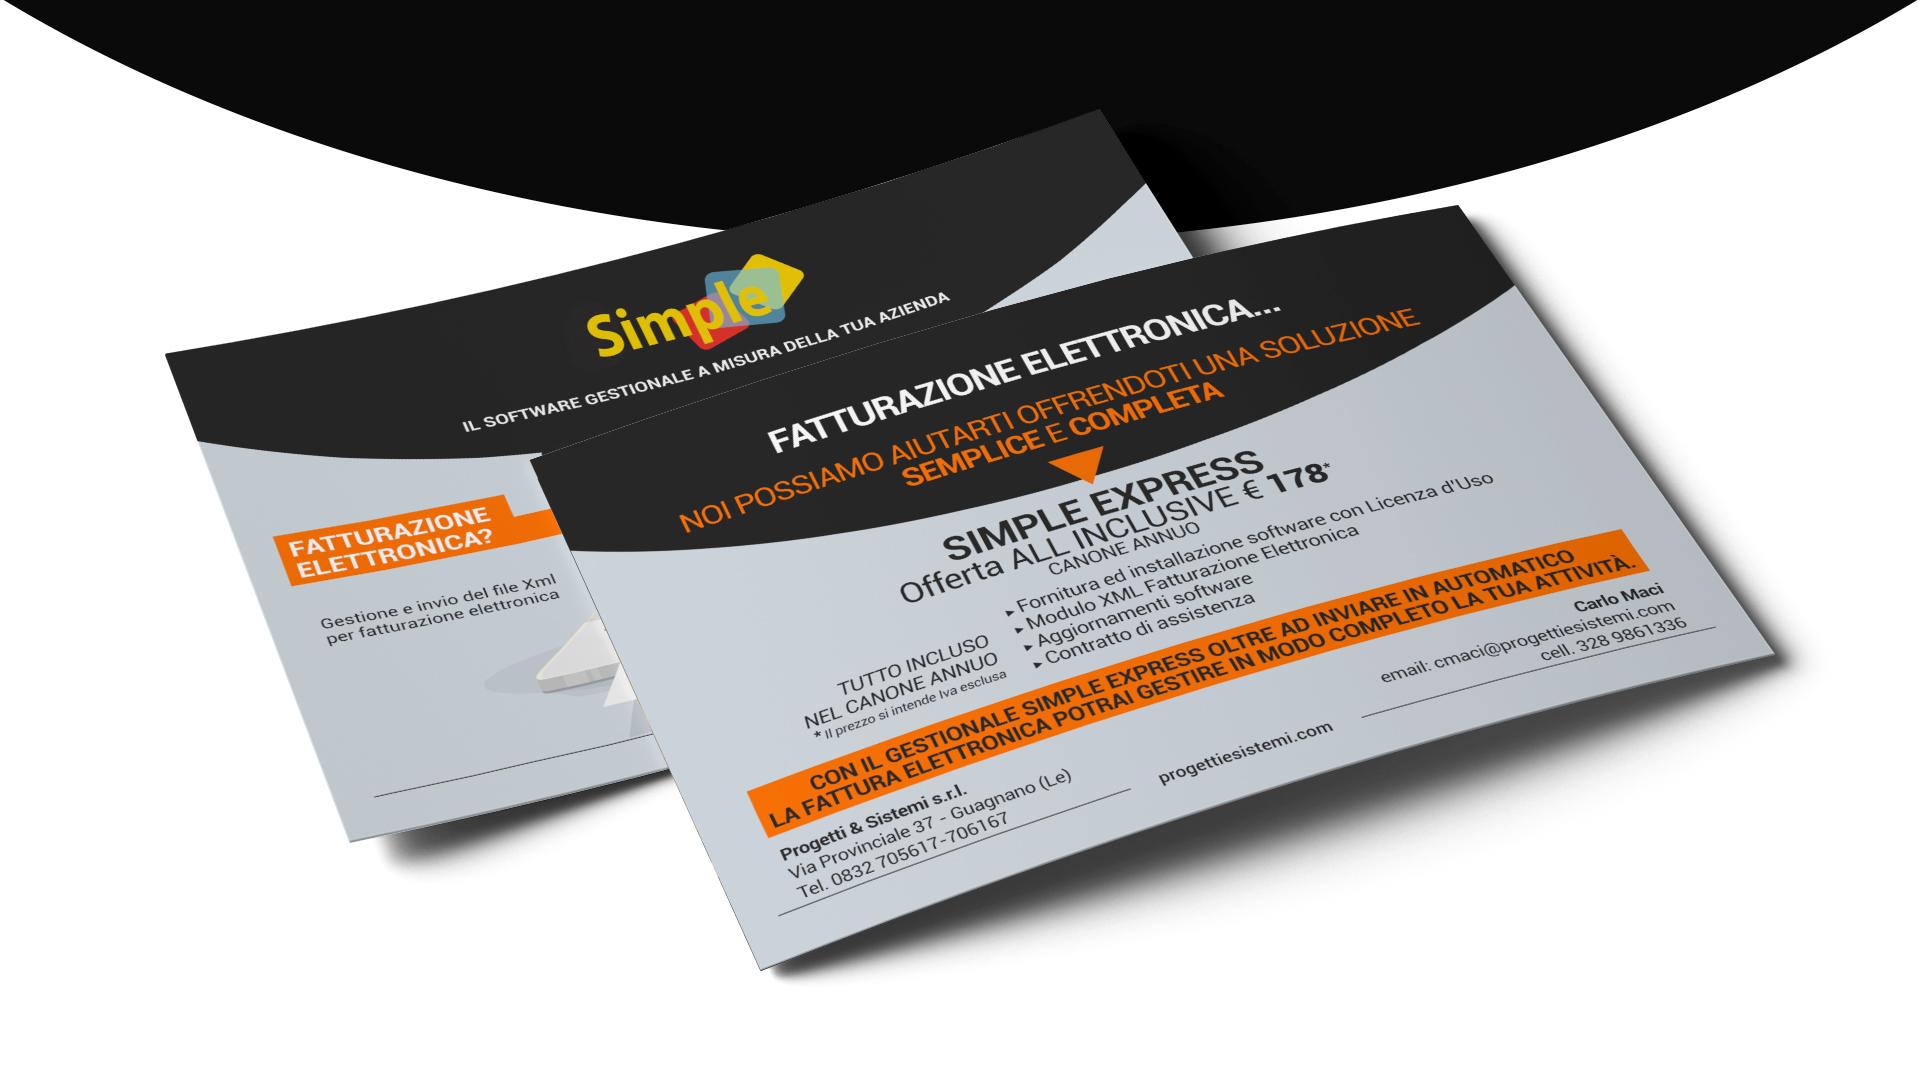 fatturazione elettronica simple 4